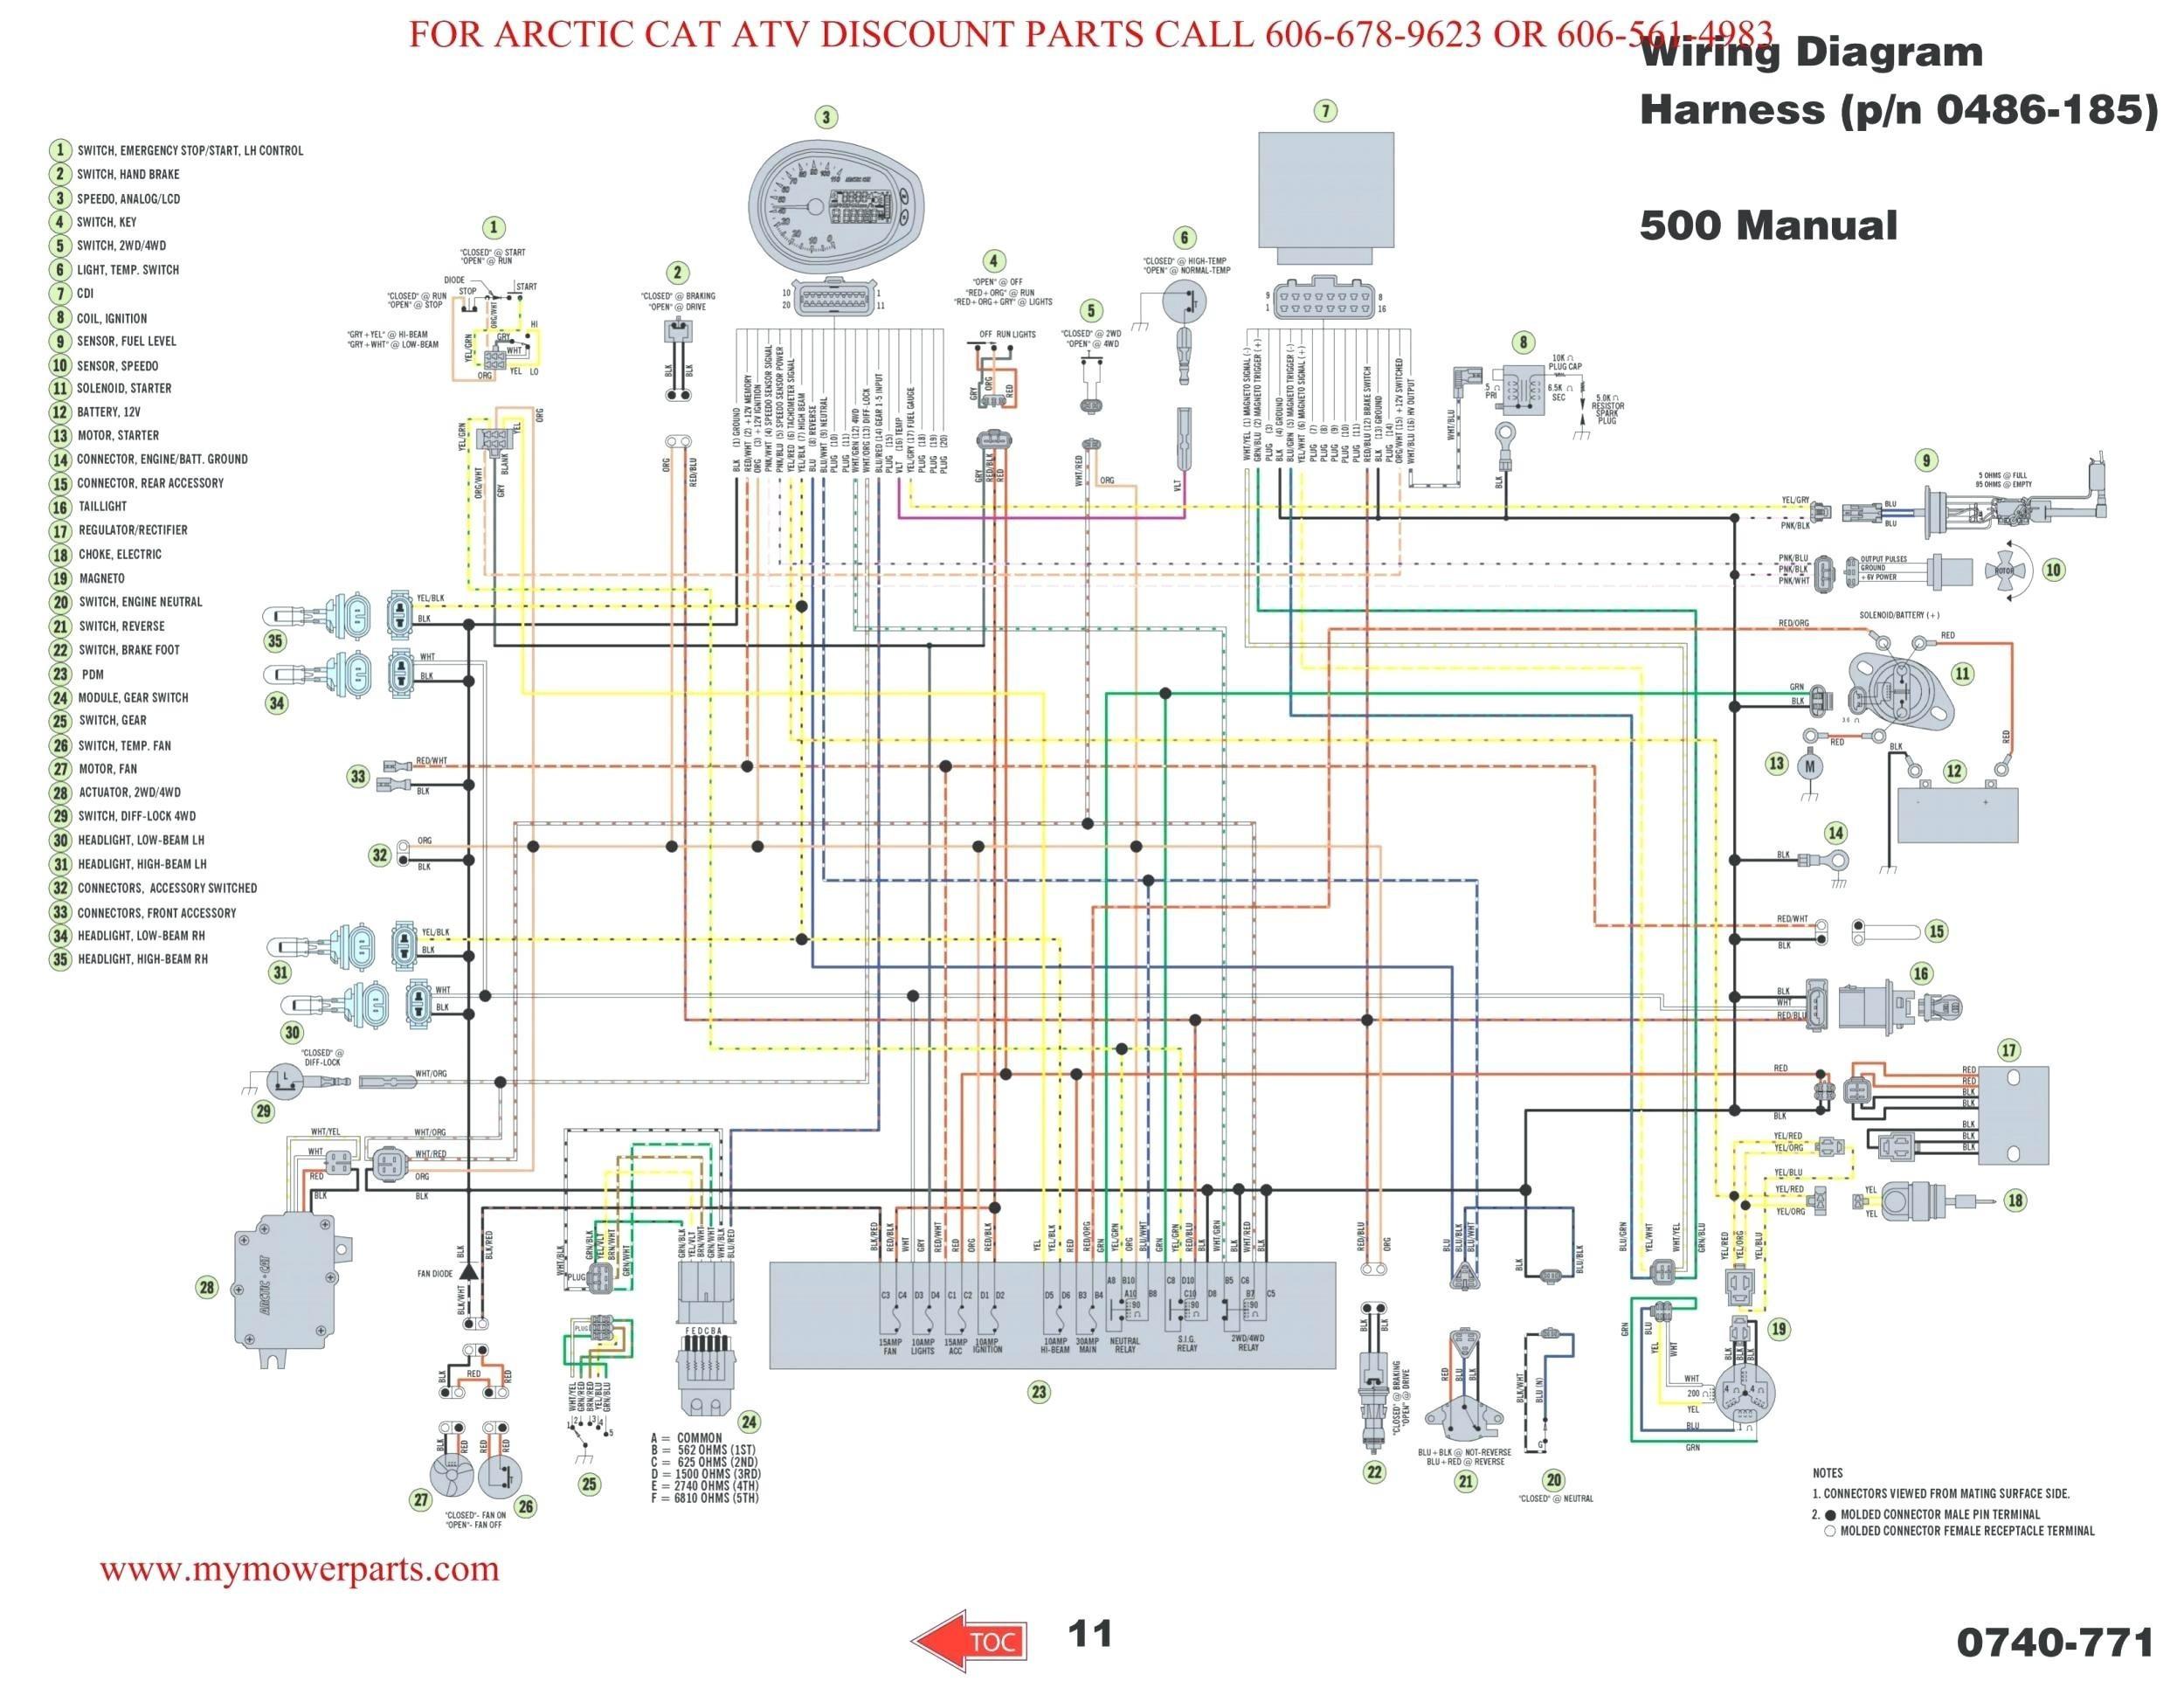 Crestliner Pontoon Boat Wiring Diagram | Wiring Diagram - Pontoon Boat Wiring Diagram